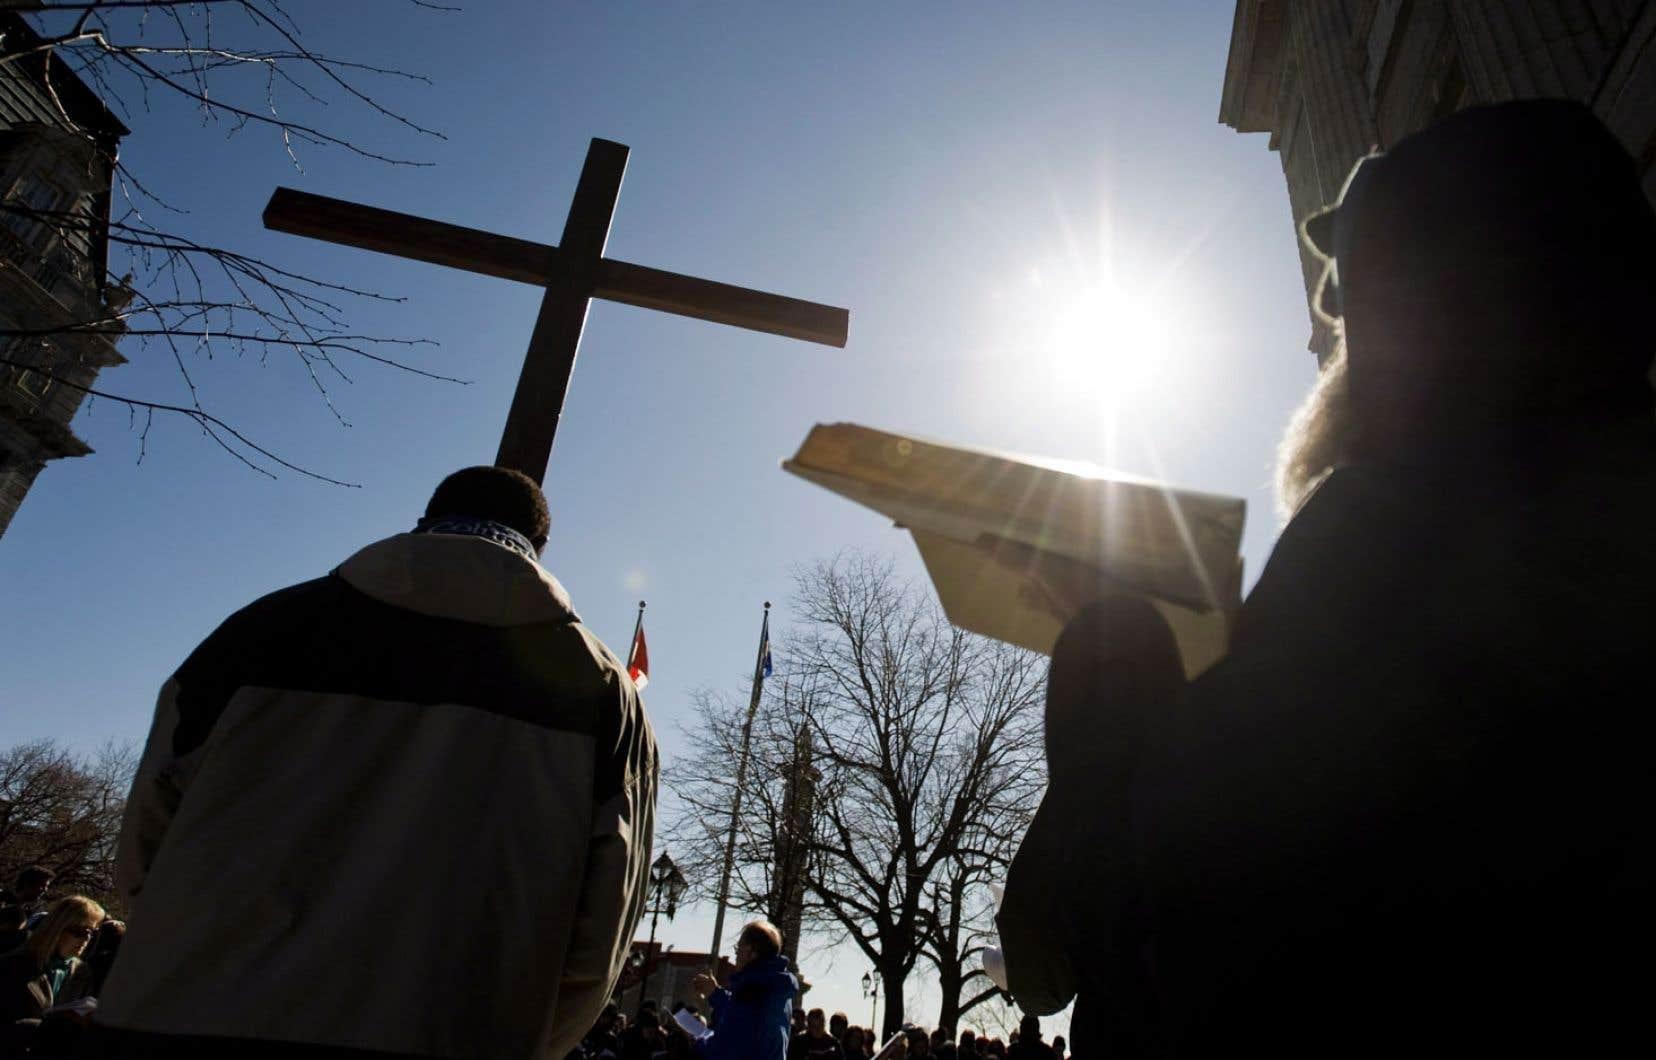 Bien que la pratique religieuse catholique soit en déclin au Québec, un nombre grandissant de Québécois envoient leurs enfants à l'école confessionnelle privée.